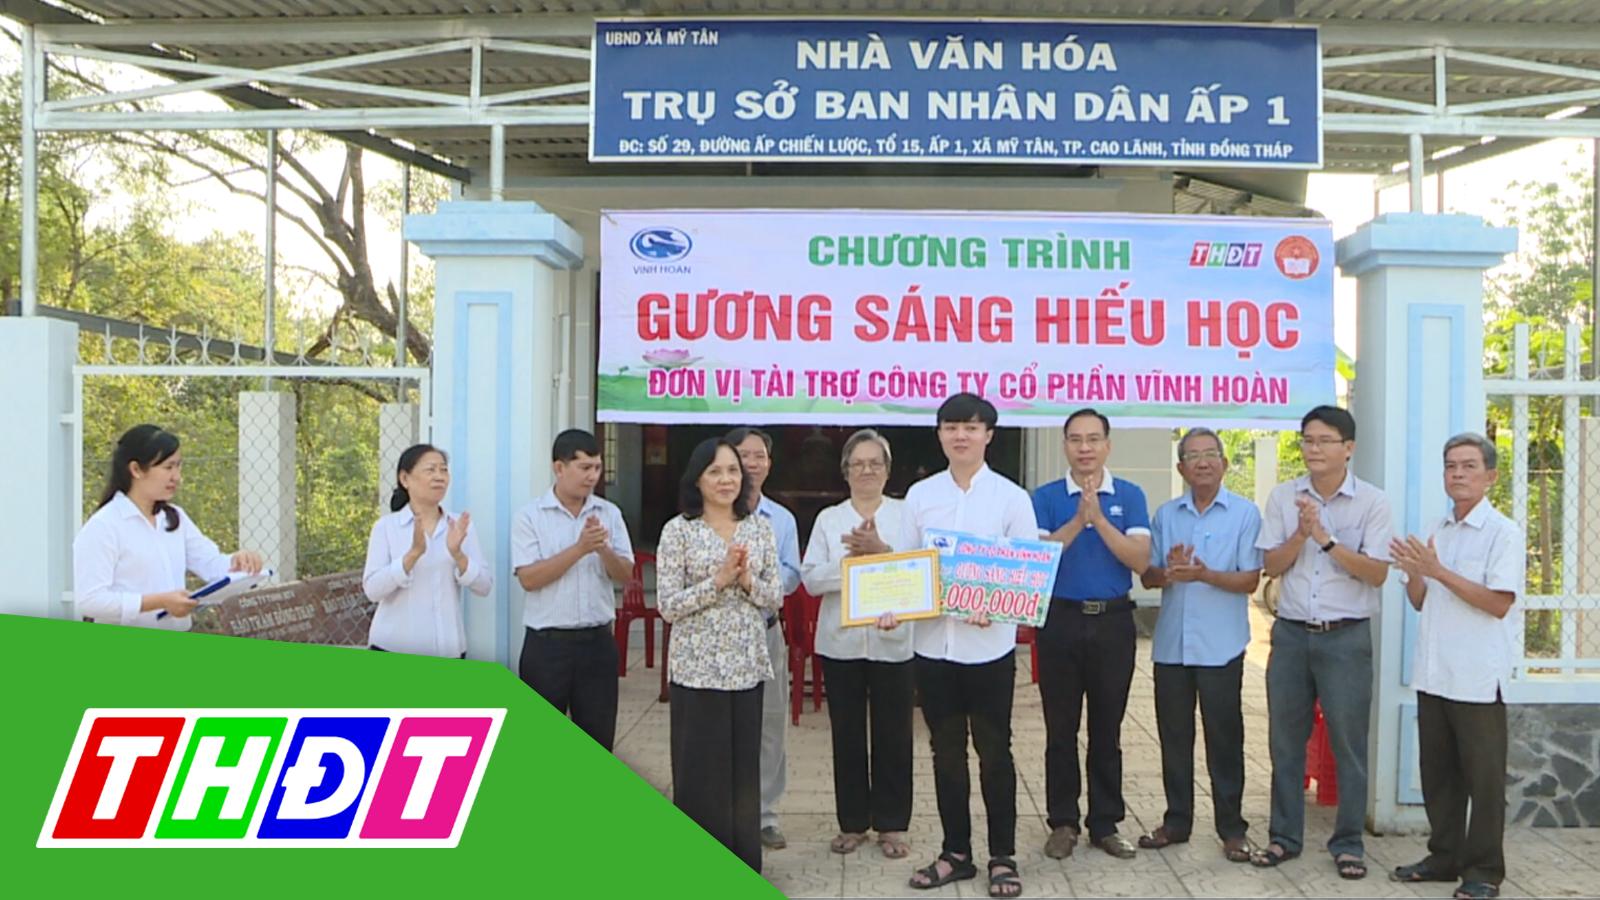 Gương sáng hiếu học - 06/4/2021: Sinh viên Mai Hải Bình